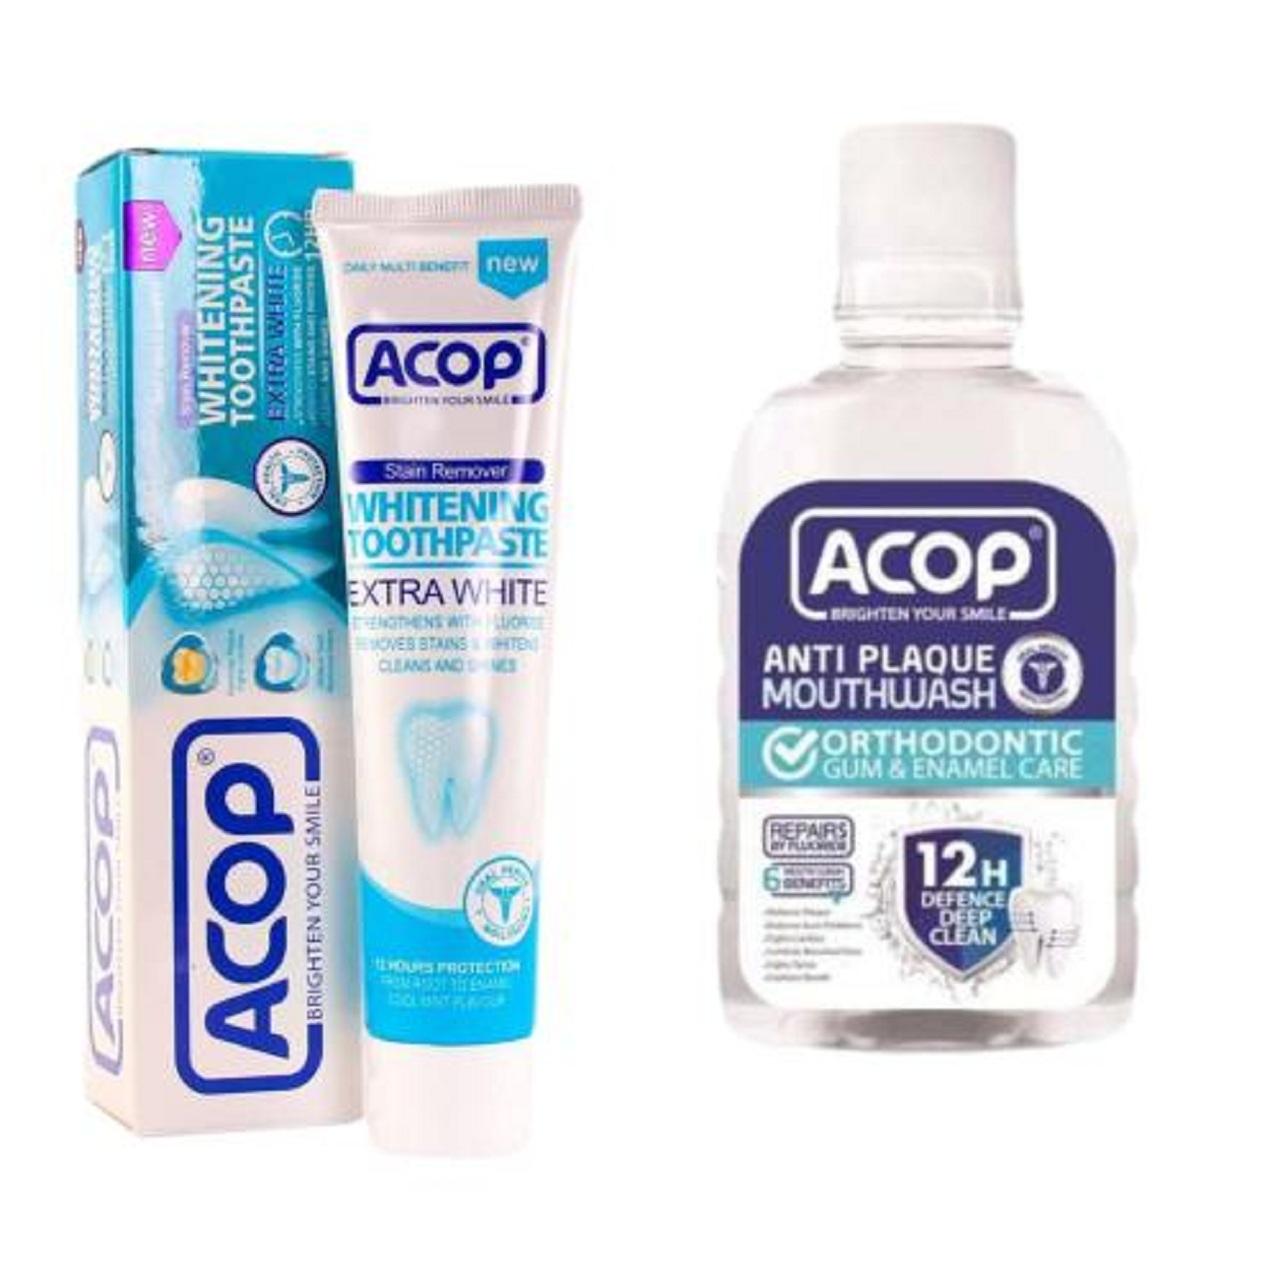 دهان شویه آکوپ مدل آنتی پلاک حجم 300 میلی لیتر به همراه خمیر دندان آکوپ مدل سفید کننده حجم 90 میلی لیتر